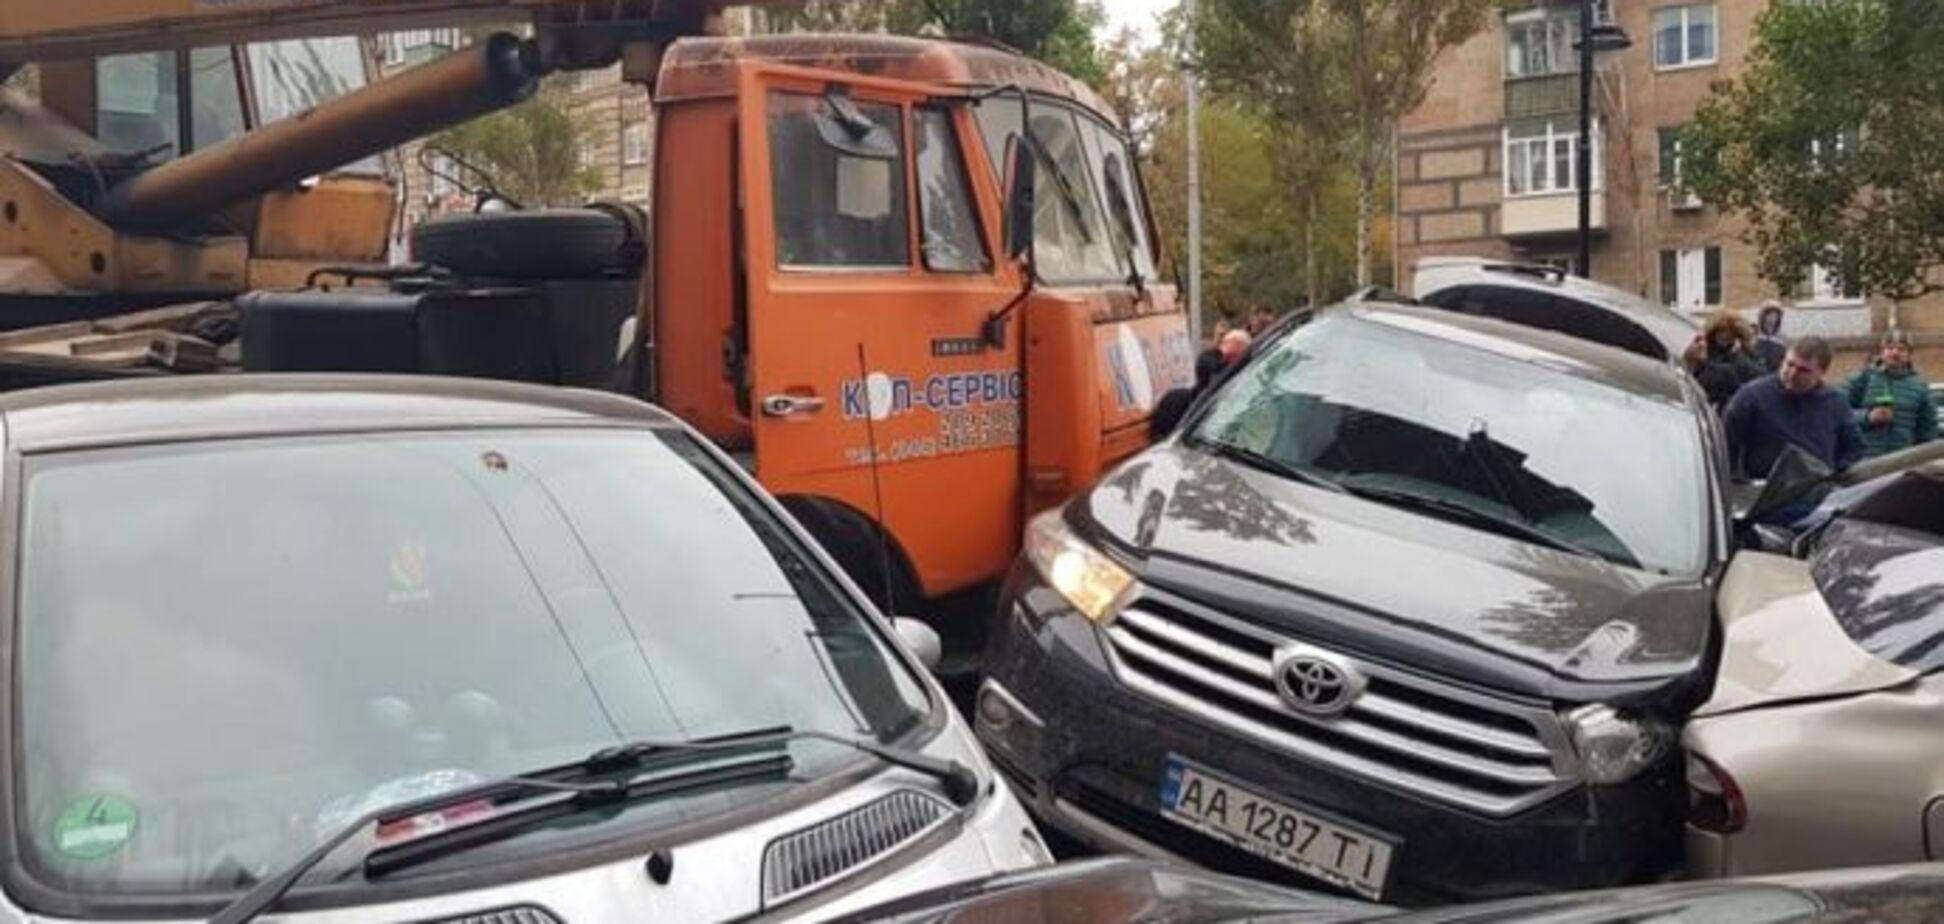 Місиво з 19 авто у Києві: адвокат сказав, хто заплатить потерпілим